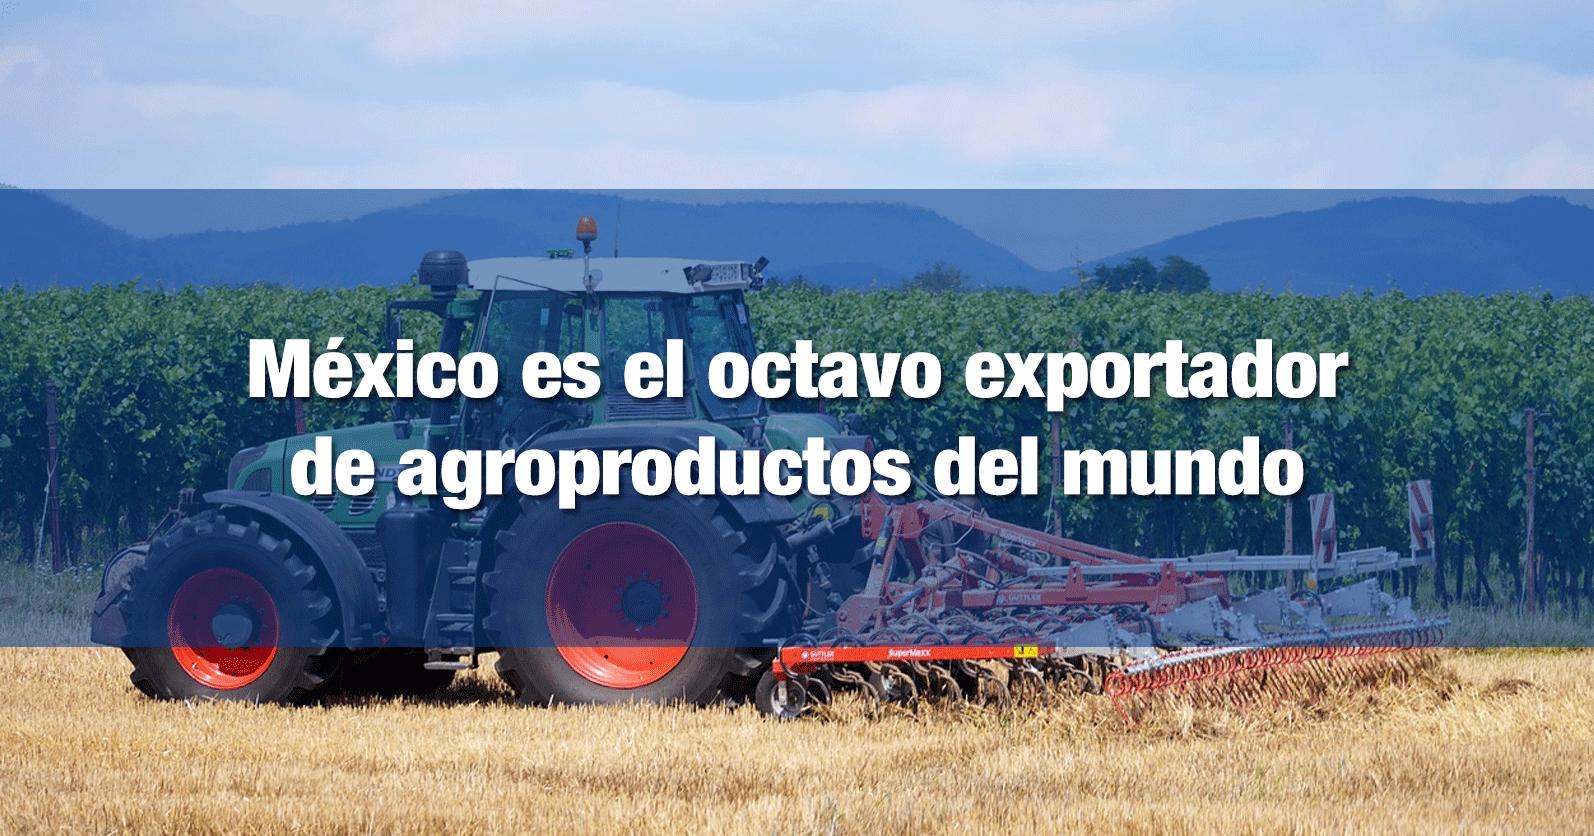 México es el octavo exportador de agroproductos del mundo